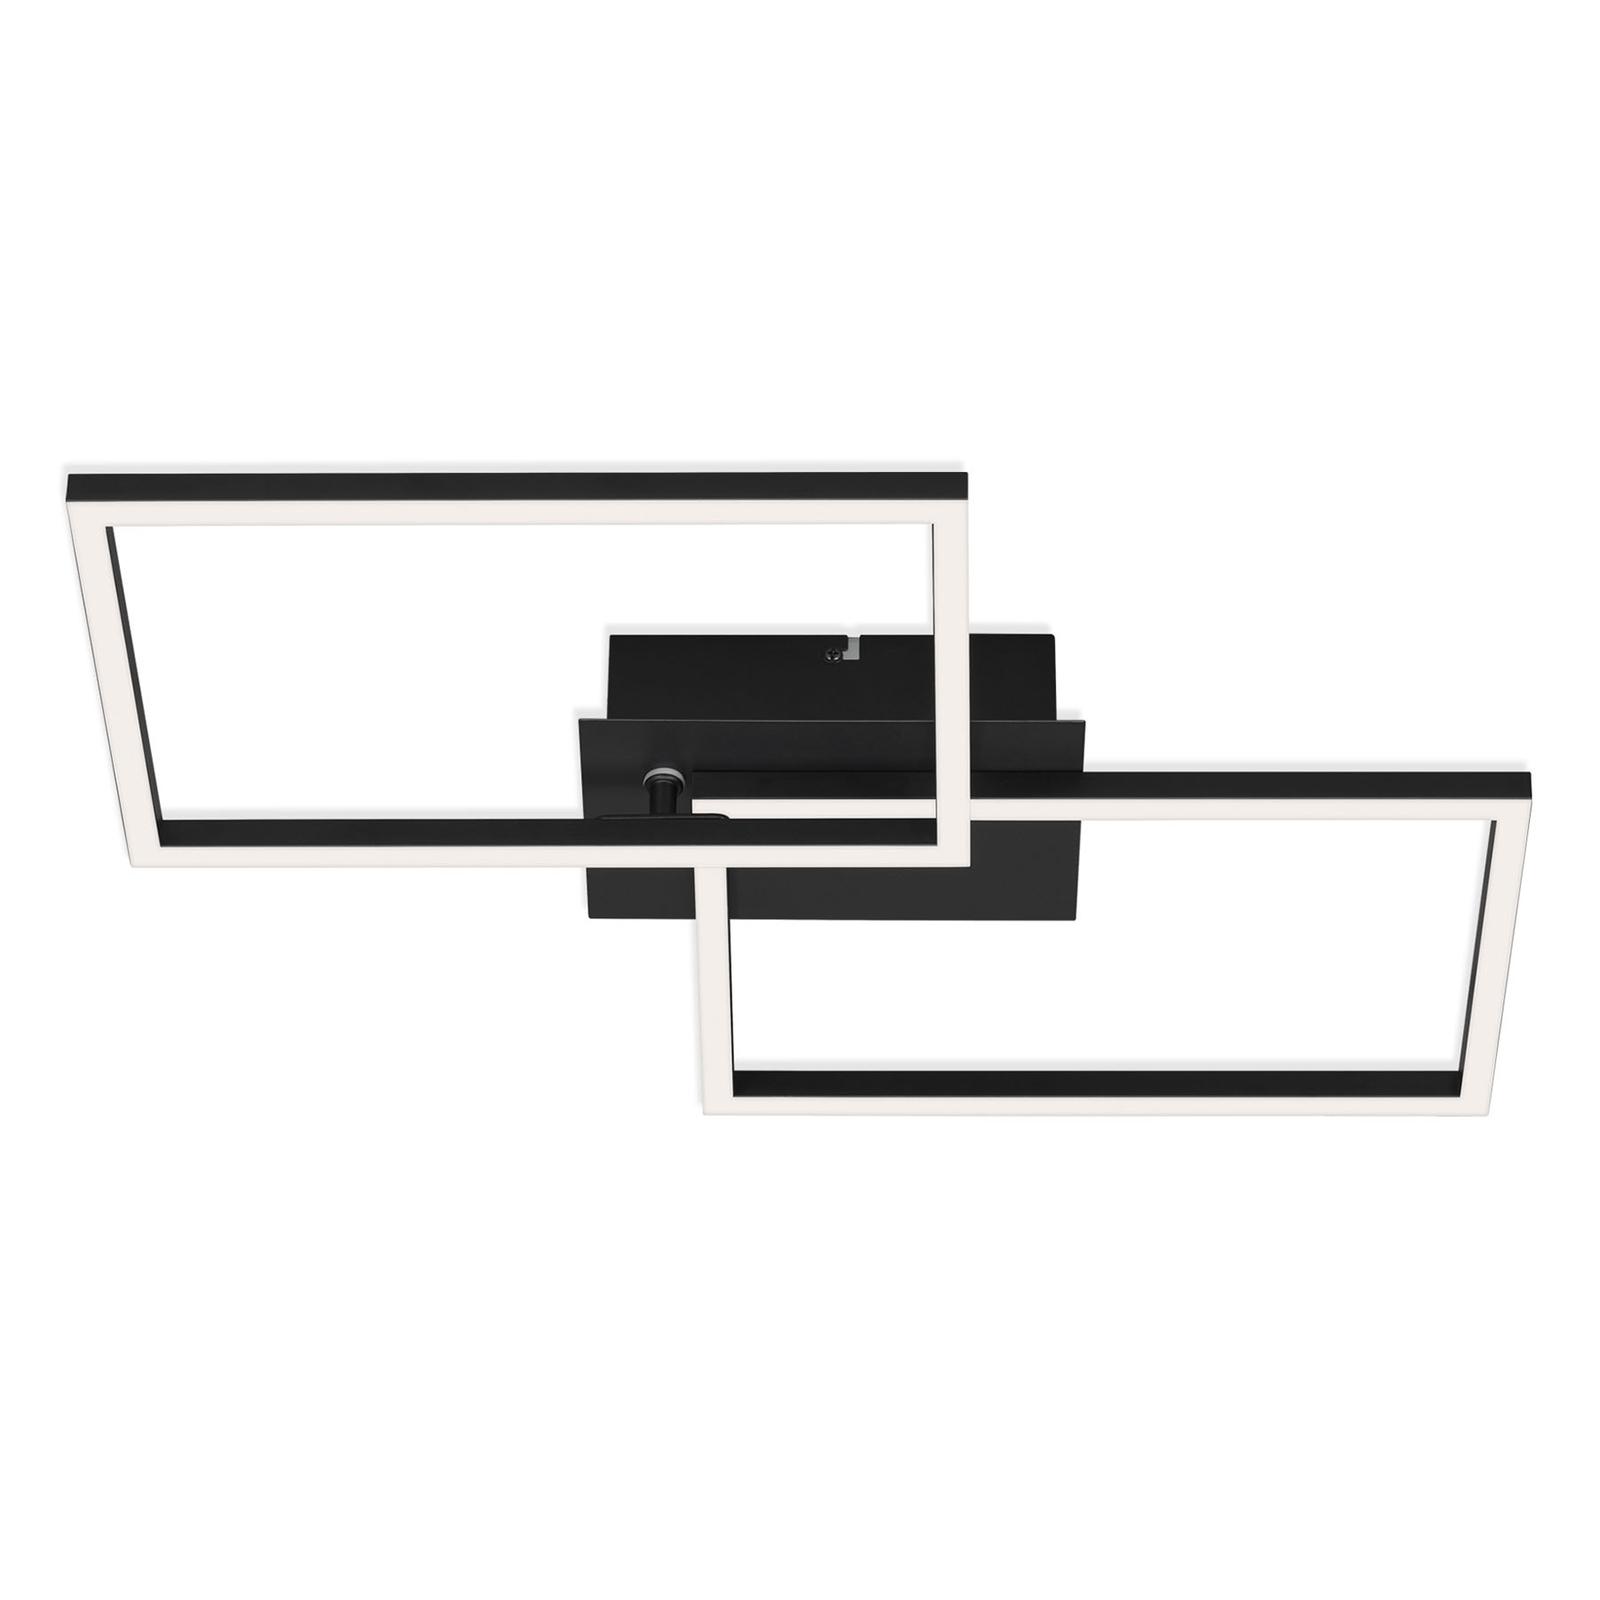 LED-Deckenlampe Frame CCT, schwarz, 50x39cm